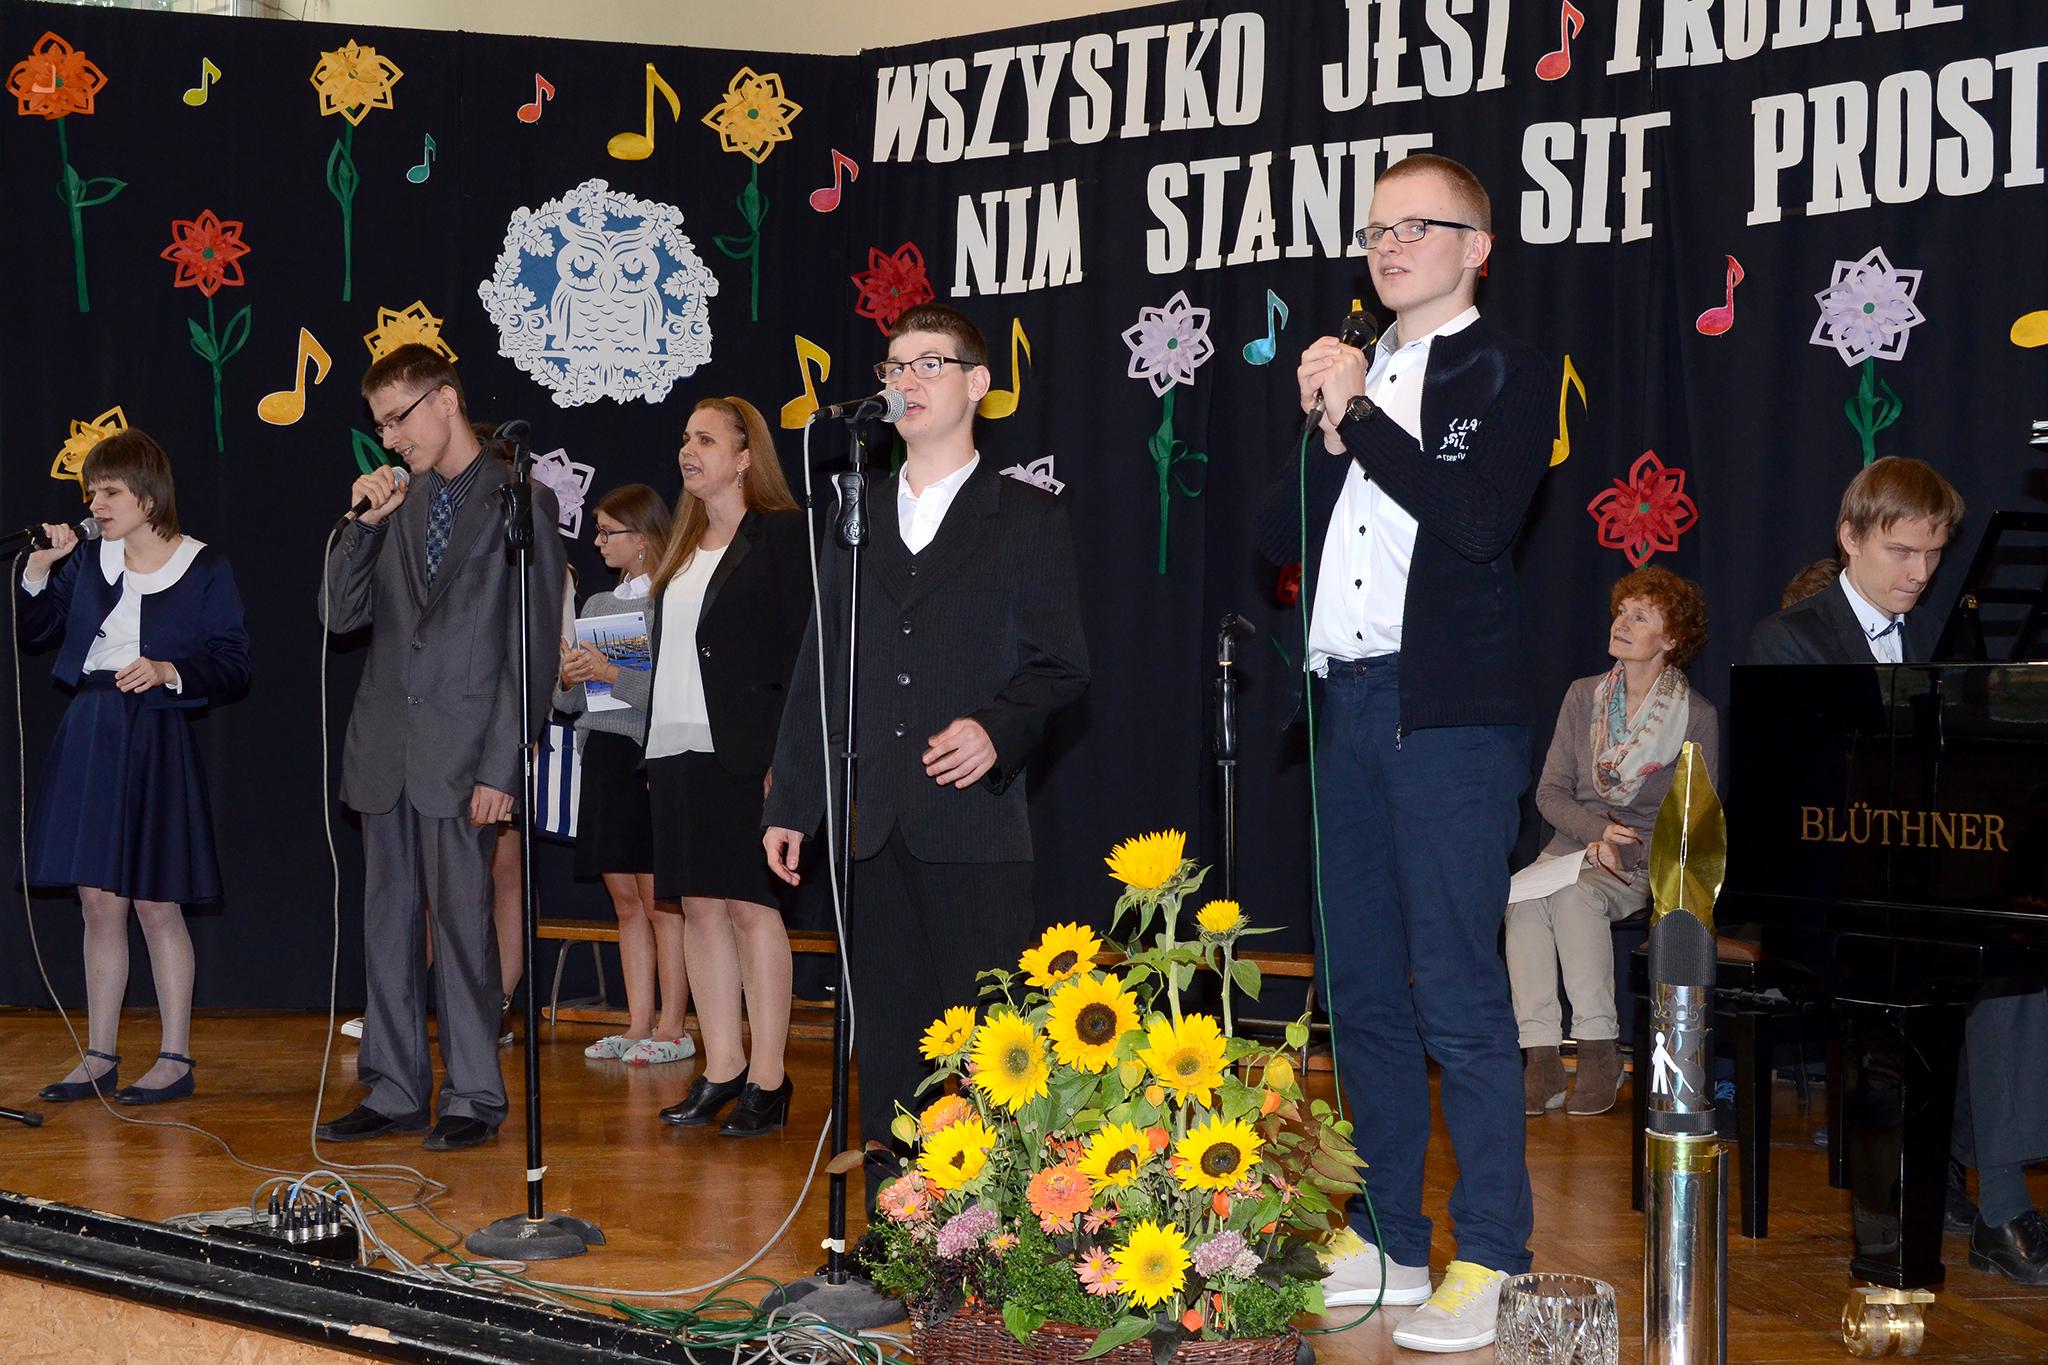 Kadr z artystycznej części akademii. Na scenie znajduje się osiem osób. Mężczyzna gra na fotepianie, sześć osób stoi, za nimi siedzi kobieta.